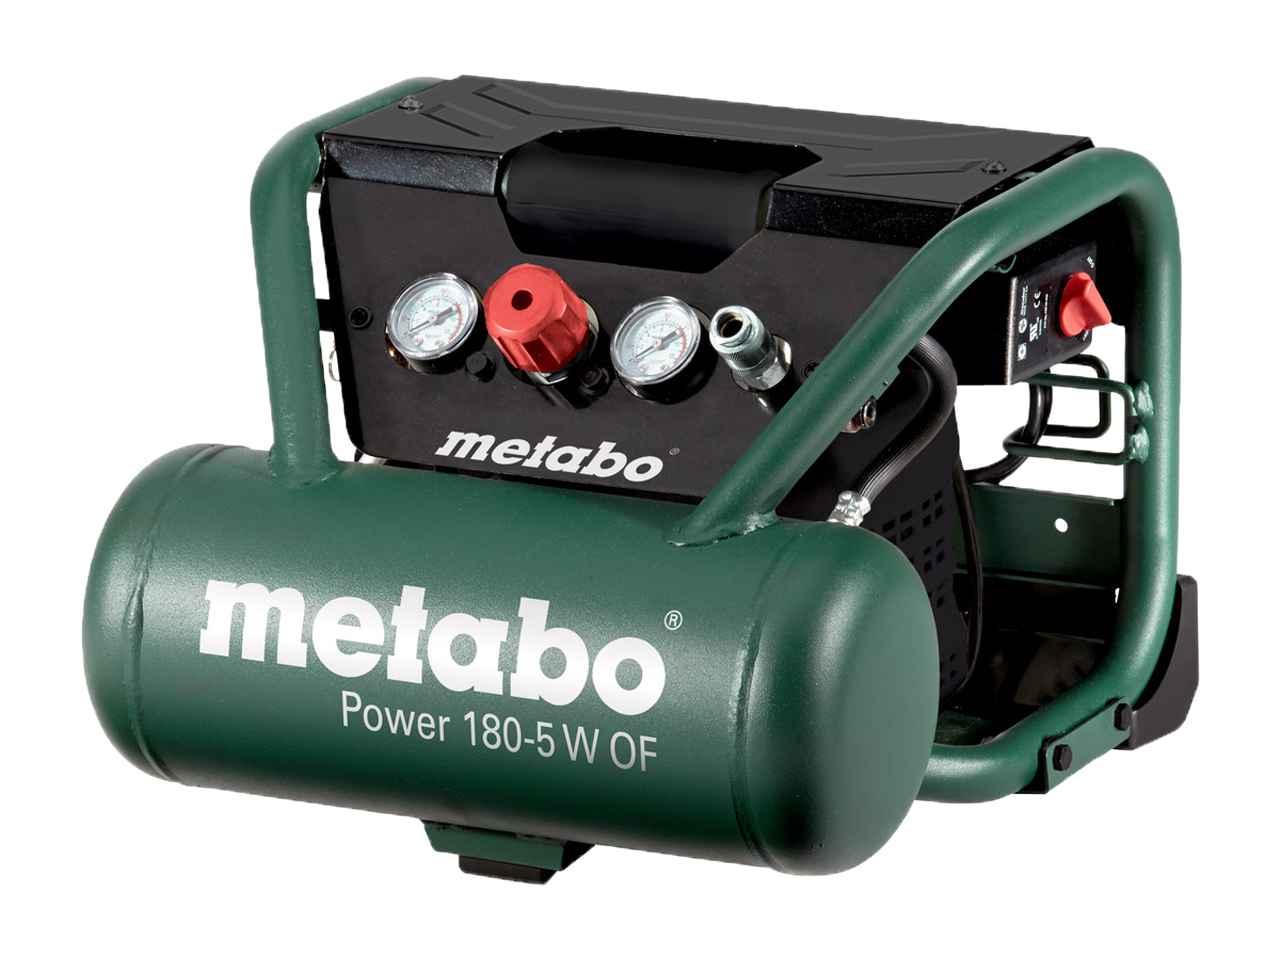 metabo power180 5wof 1100w 180 5 power compressor 240v rh ffx co uk Metabo Logo Metabo Cutting Wheels